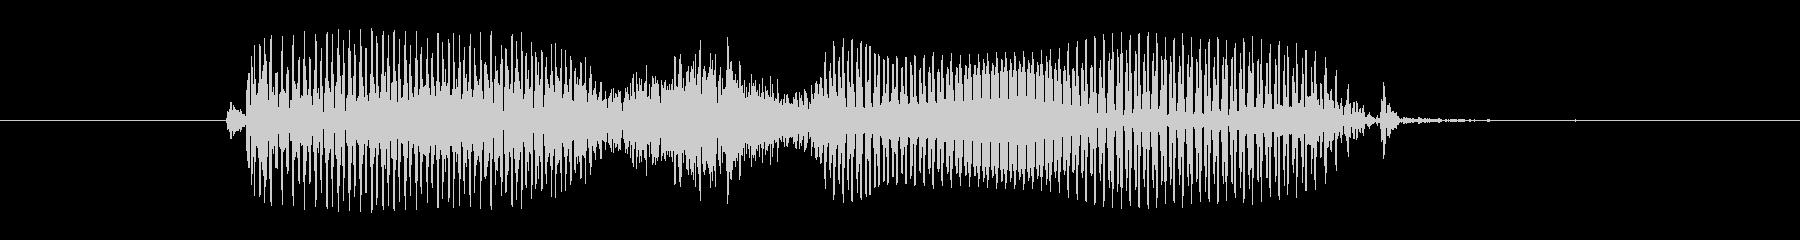 「おやすみ」の未再生の波形